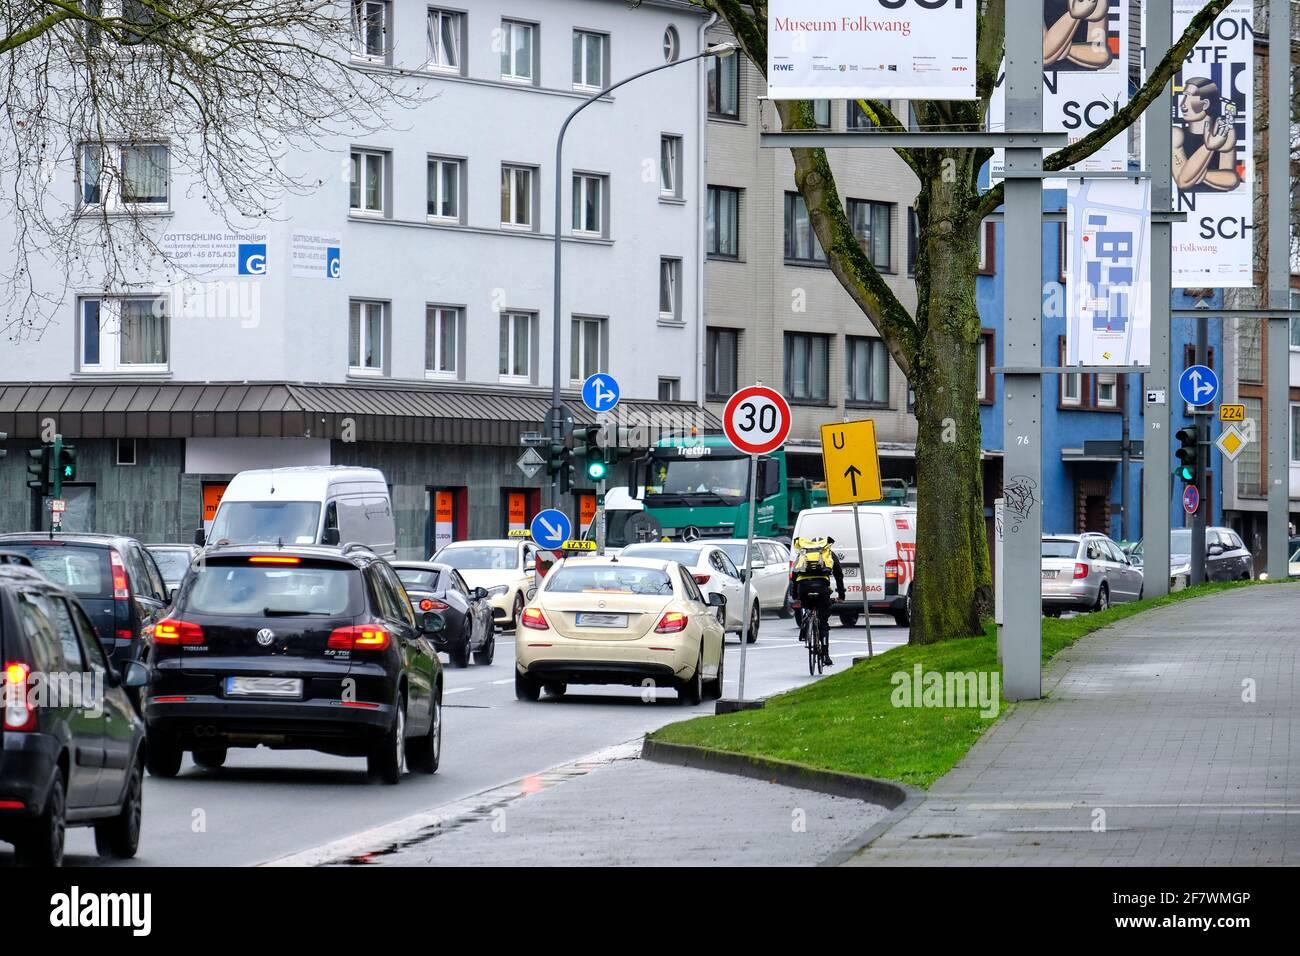 03.02.2020, Essen, Nordrhein-Westfalen, Deutschland - Pilotprojekt mit Tempo 30 auf der Alfredstrasse zwischen Bertholdstrasse und Folkwankstrasse (ca Stock Photo